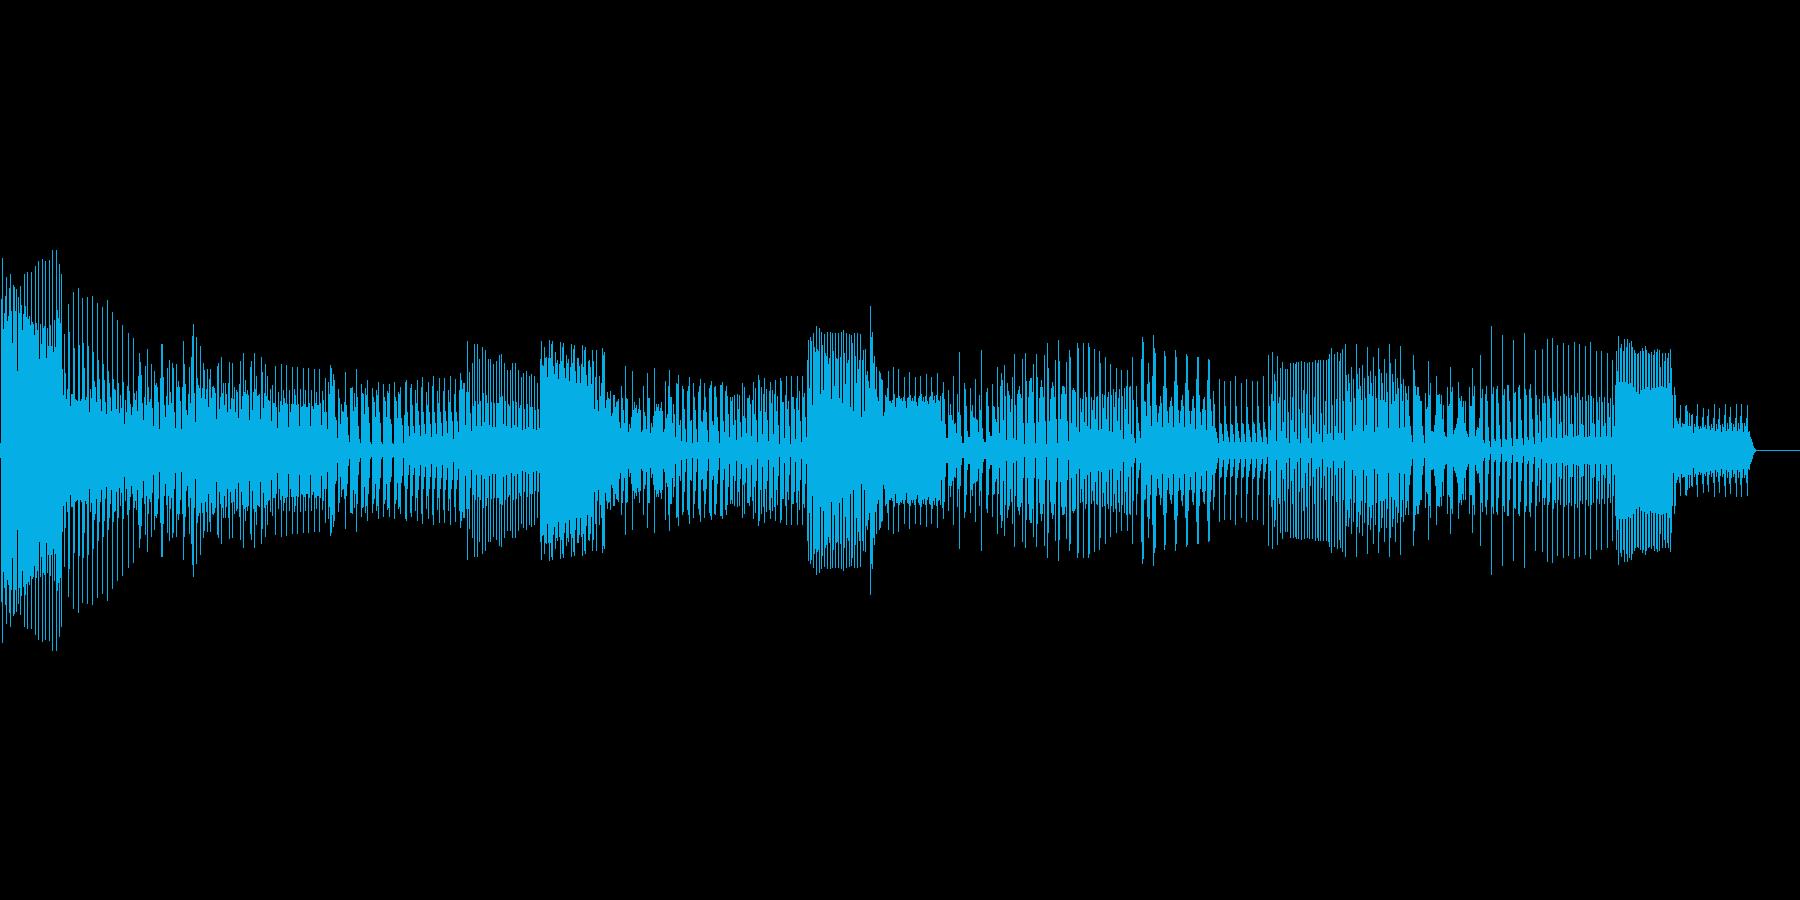 ロボット ボイスの再生済みの波形